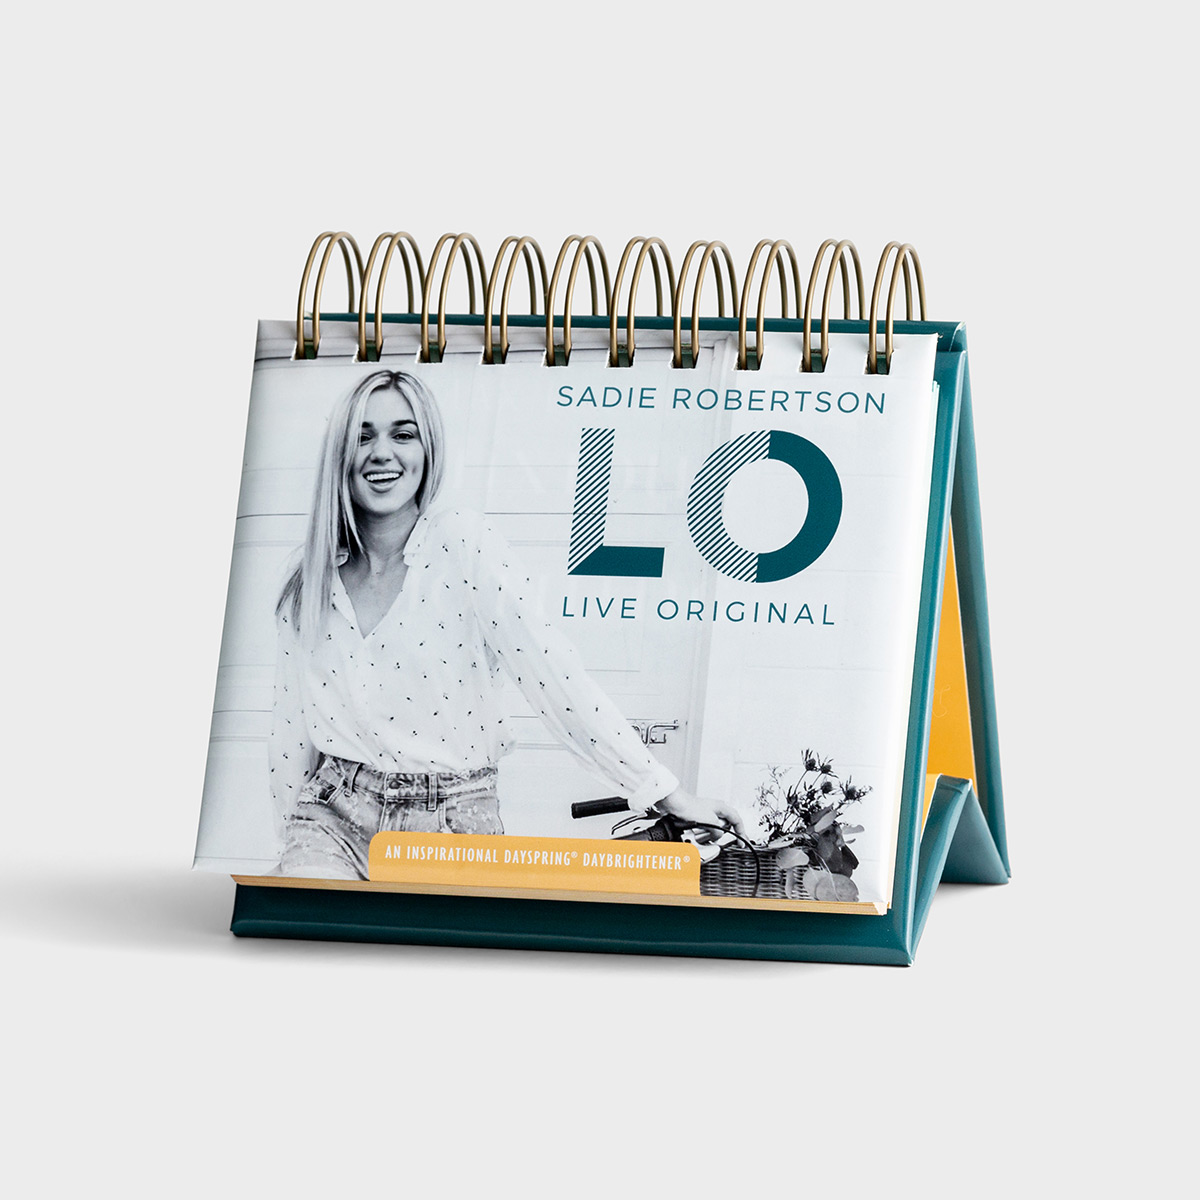 Sadie Robertson - Live Origiinal - Perpetual Calendar